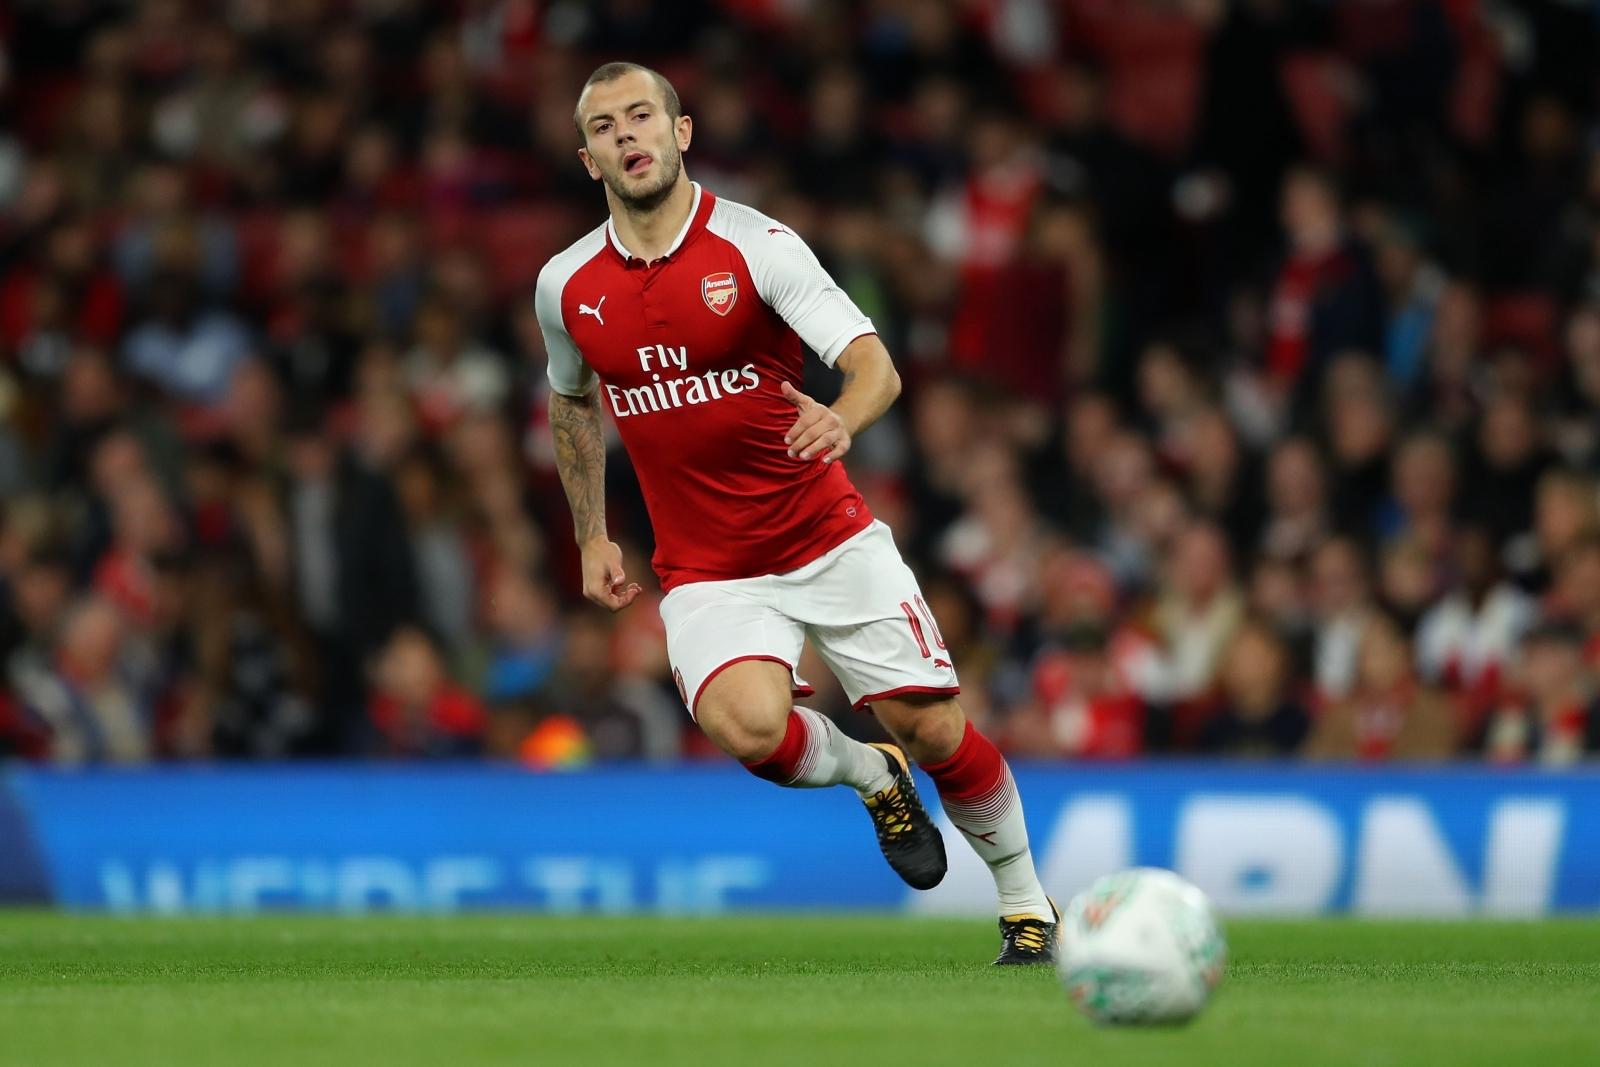 Jack Wilshere reveals Arsene Wenger promise wants Arsenal stay